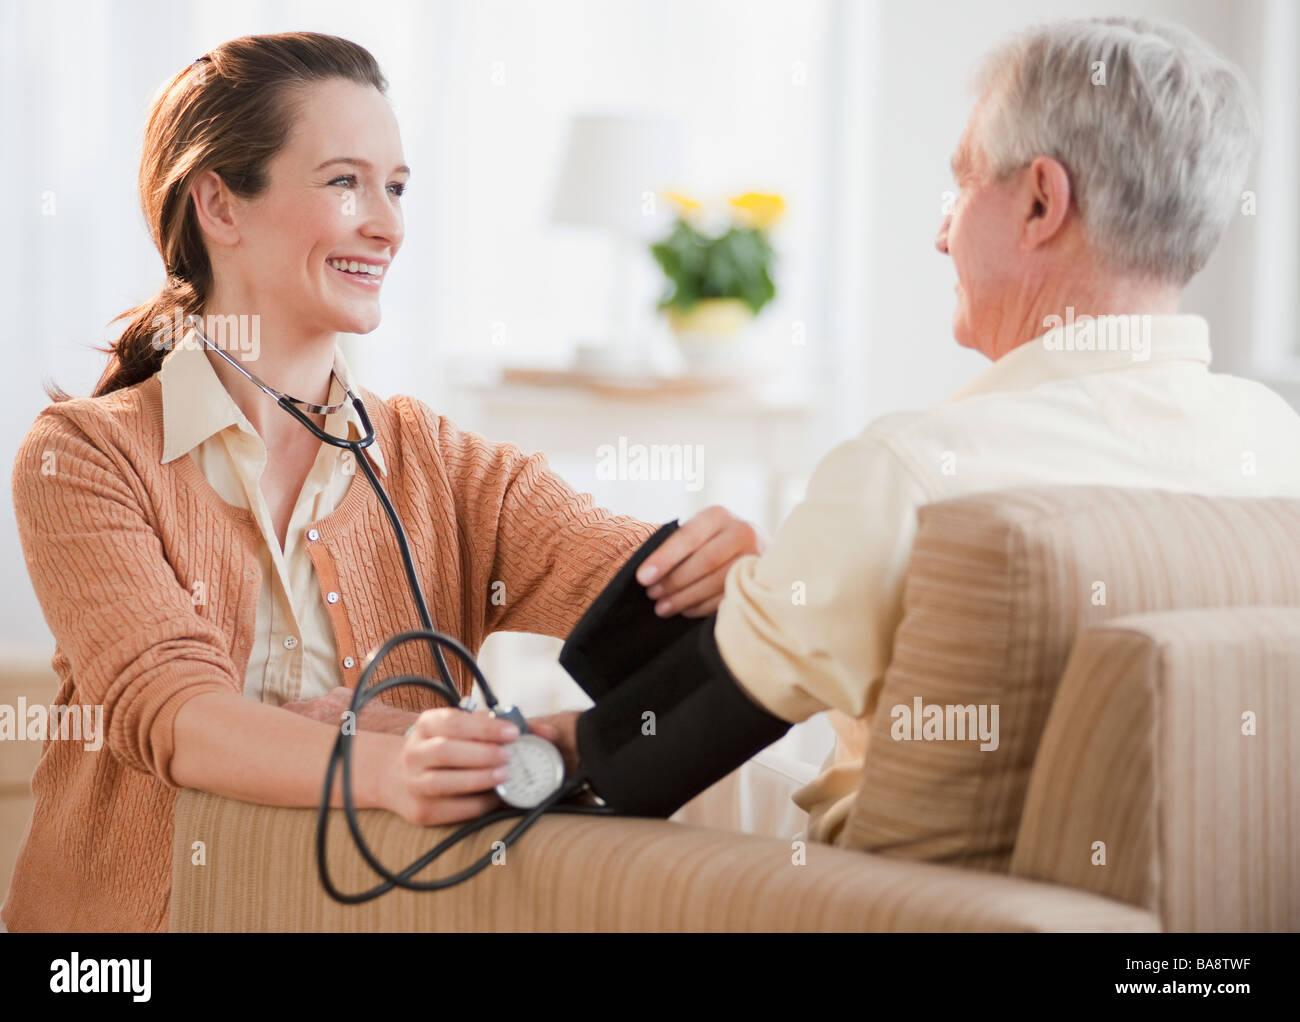 Nurse taking senior man's blood pressure - Stock Image